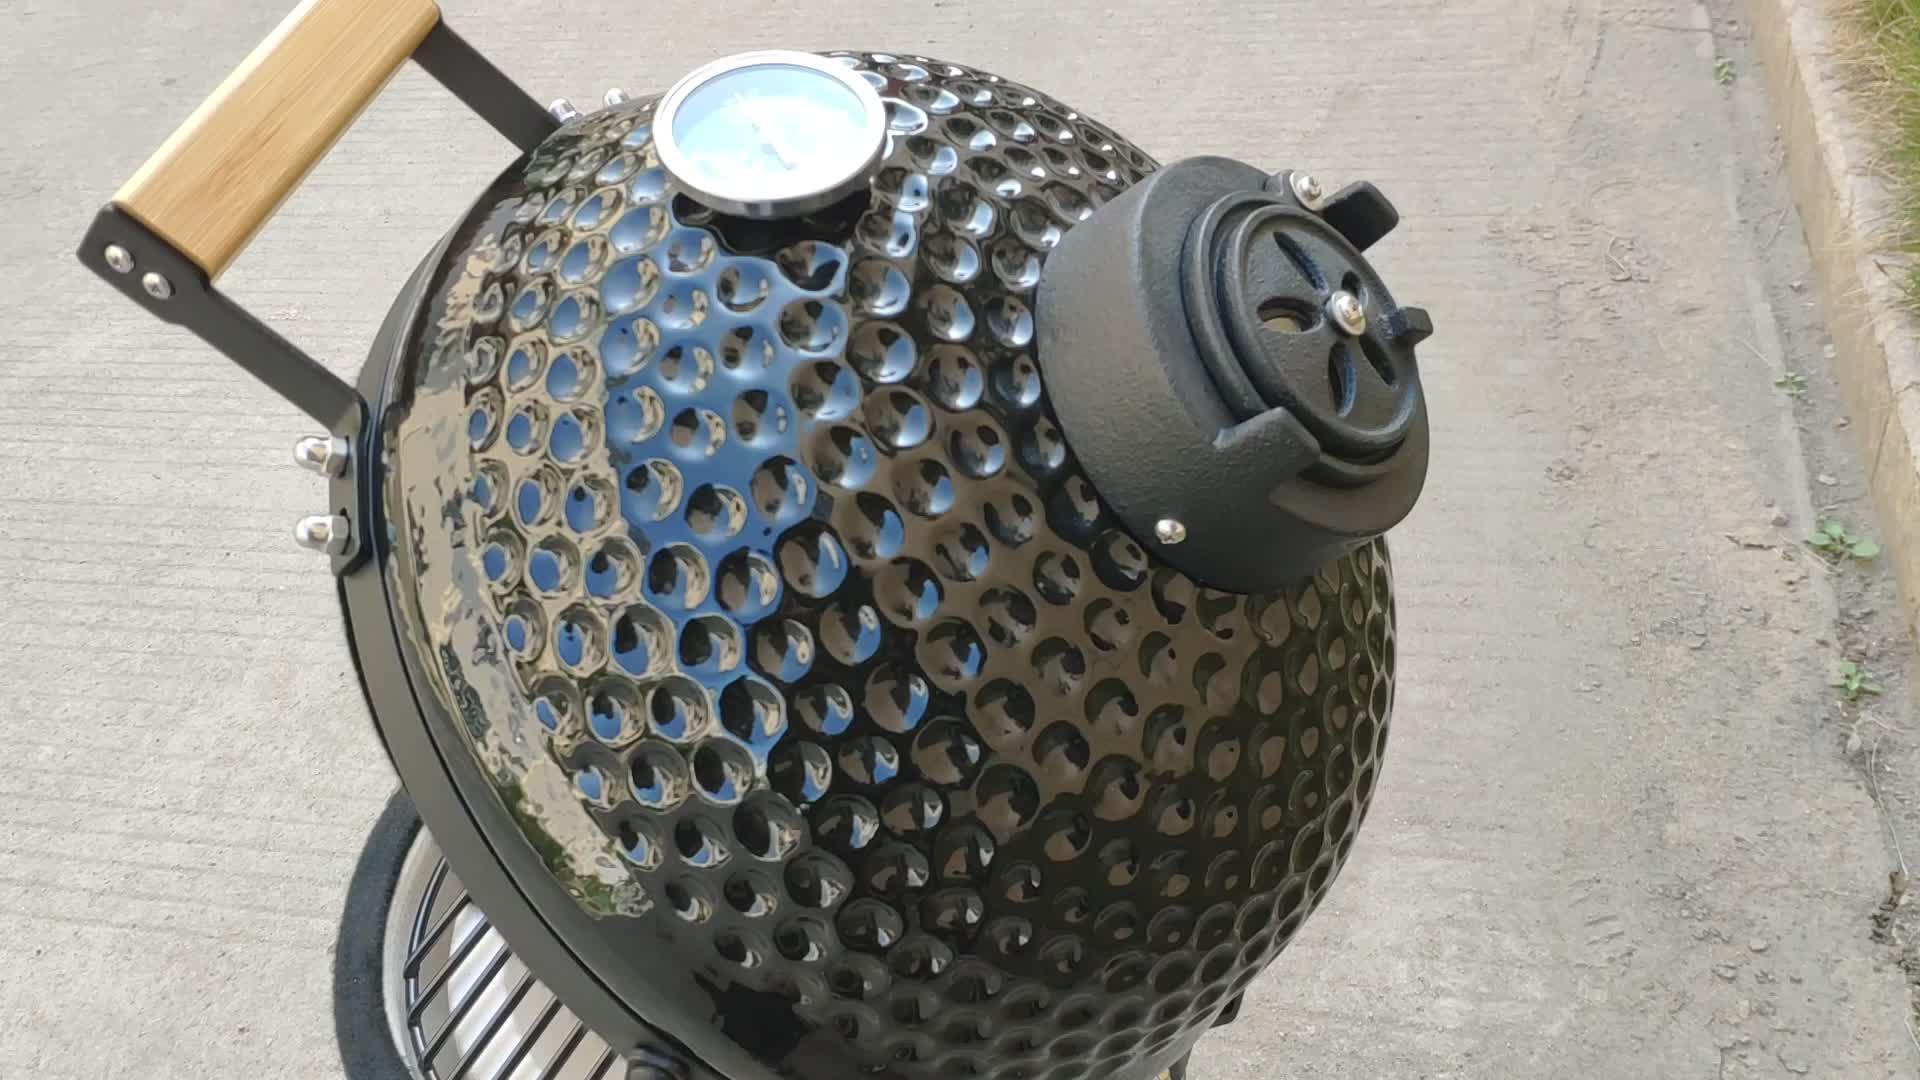 Auplex оборудование для выпечки 14 дюймов портативный открытый мини глиняная печь